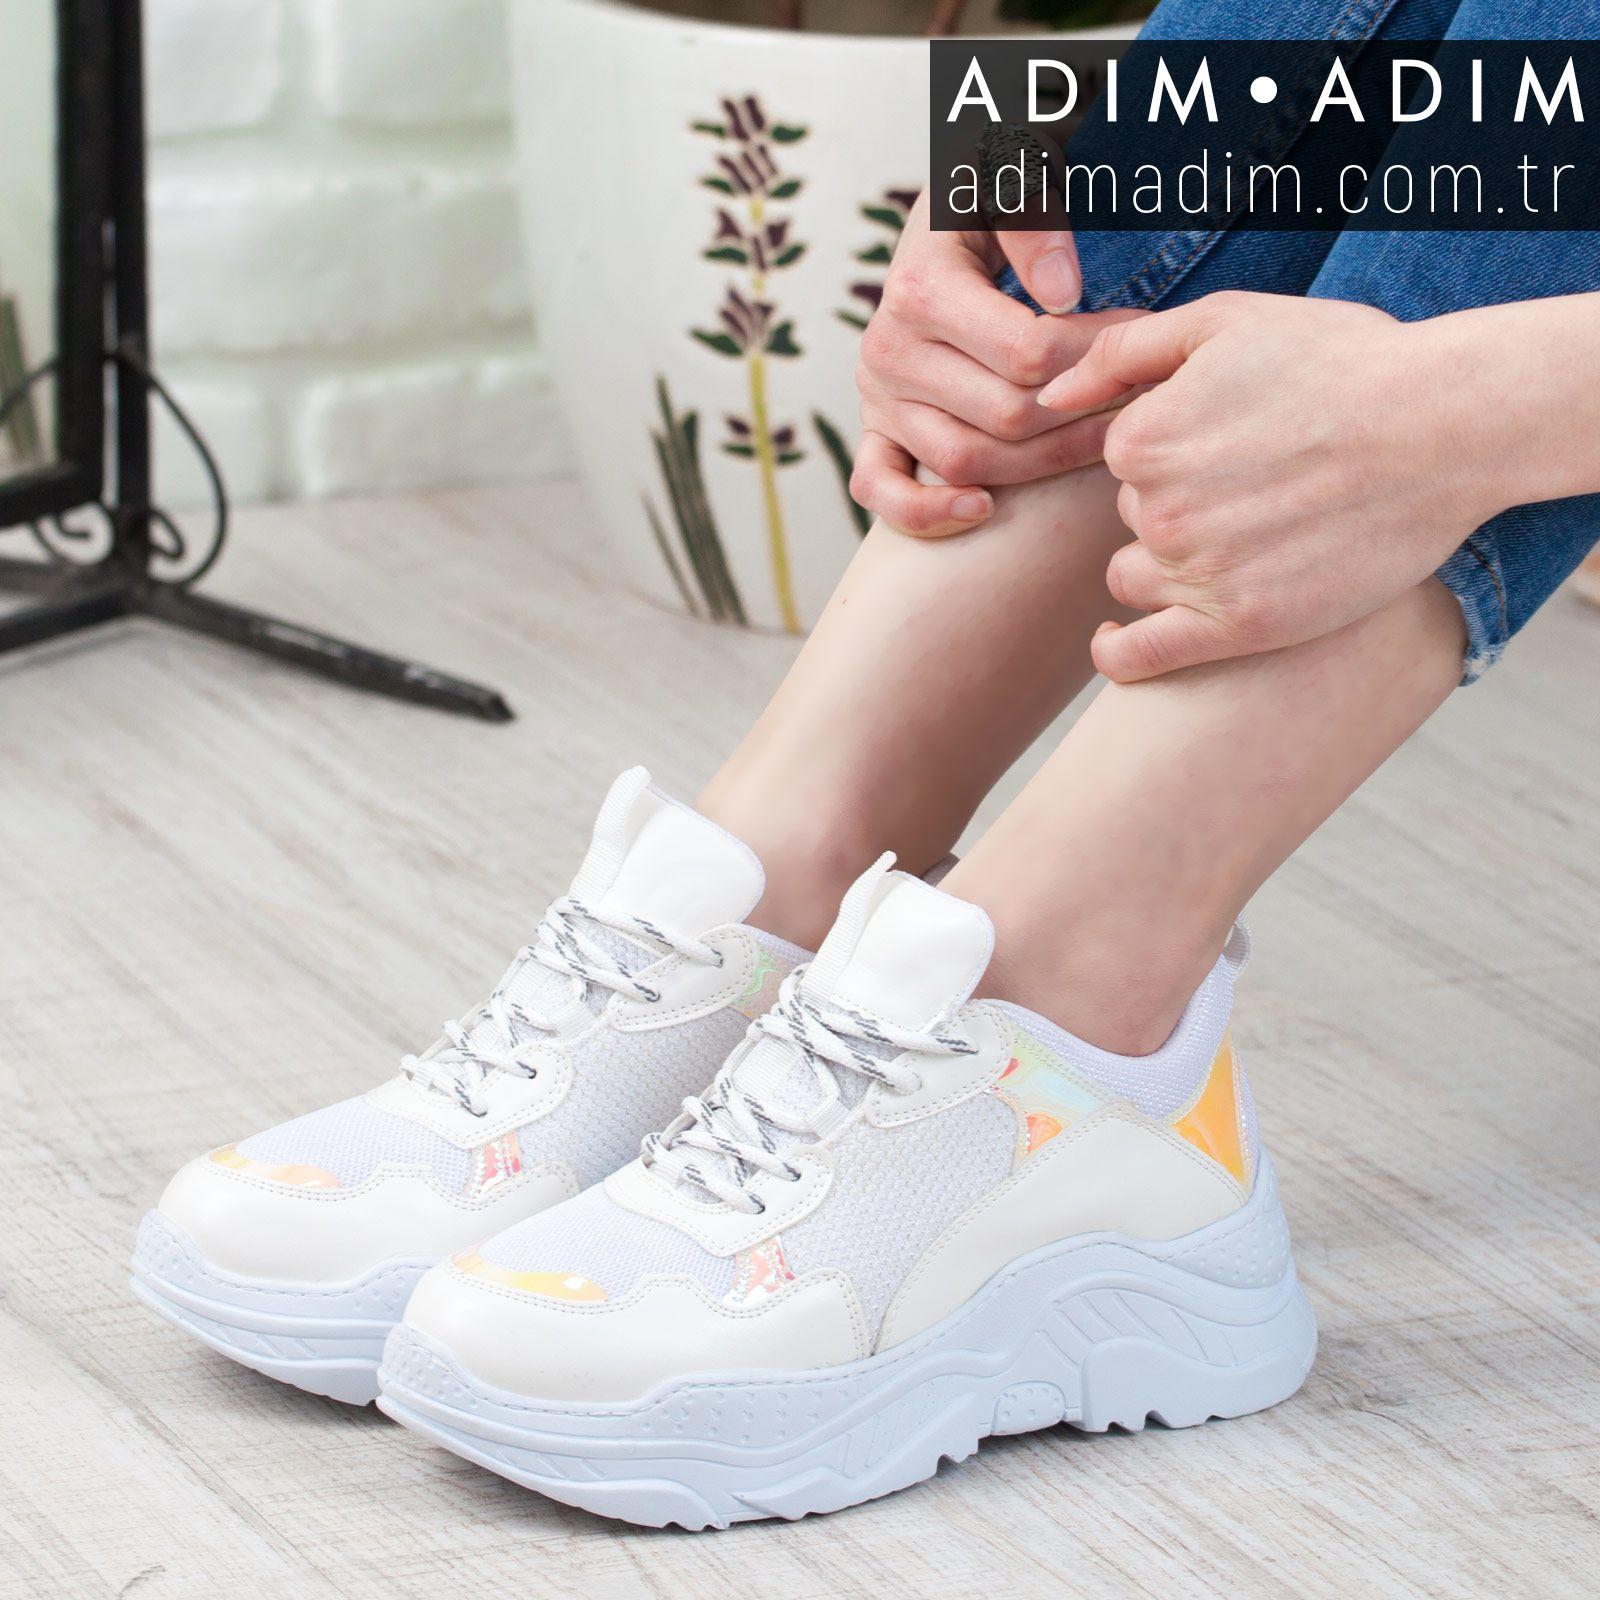 Kadin Günlük Spor Ayakkabi ... ? Fiyat: 159,99 TL ?? Numara